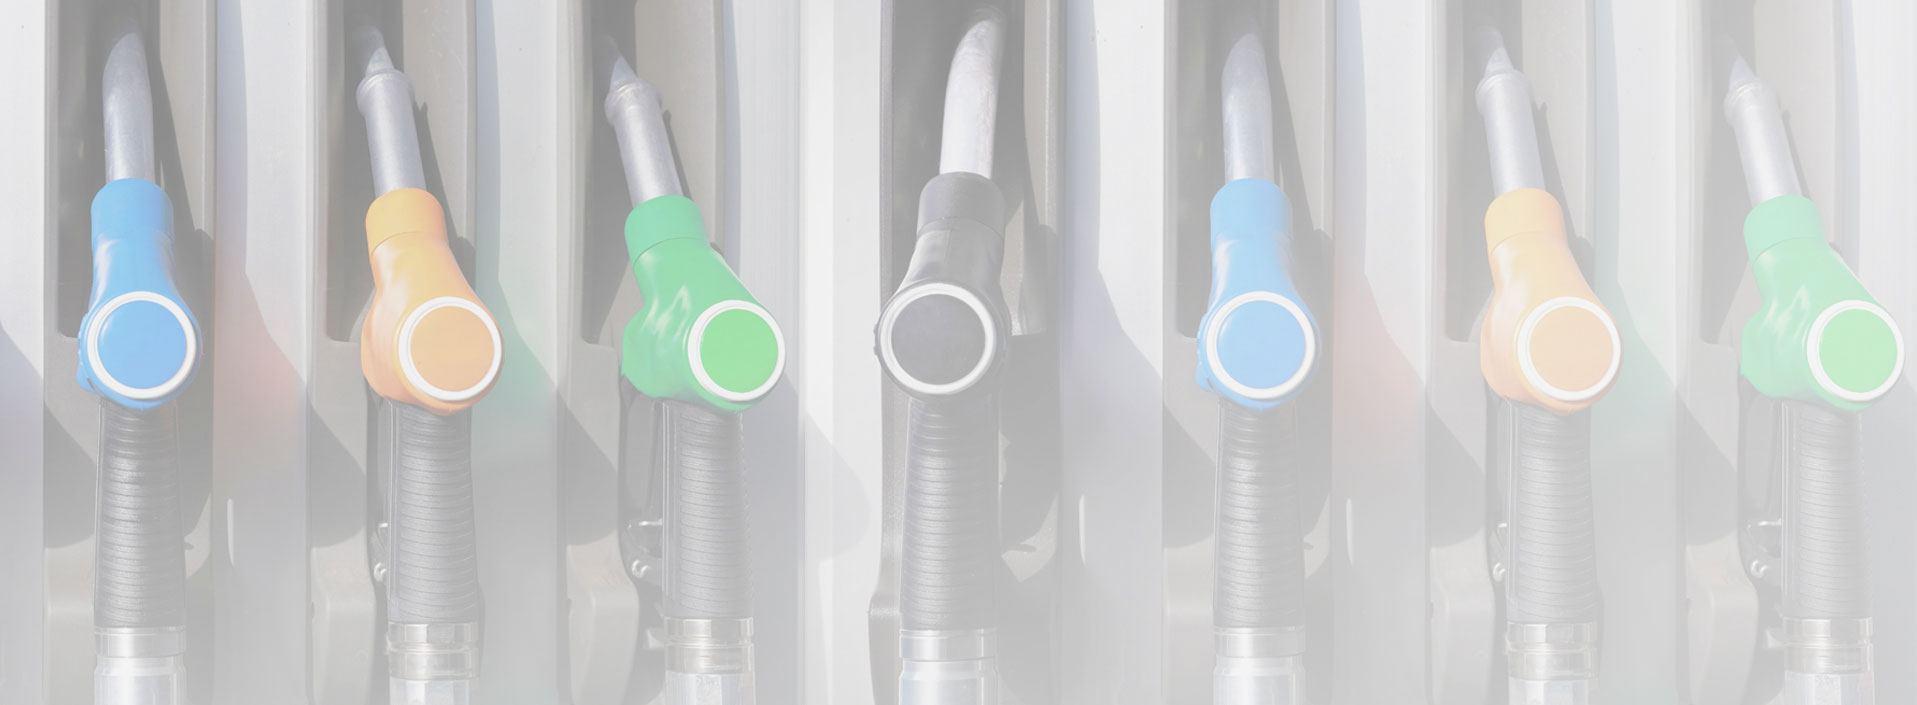 Gebruik een TANKKAART...en bespaar en geniet  van andere voordelen bij elke tankbeurt!